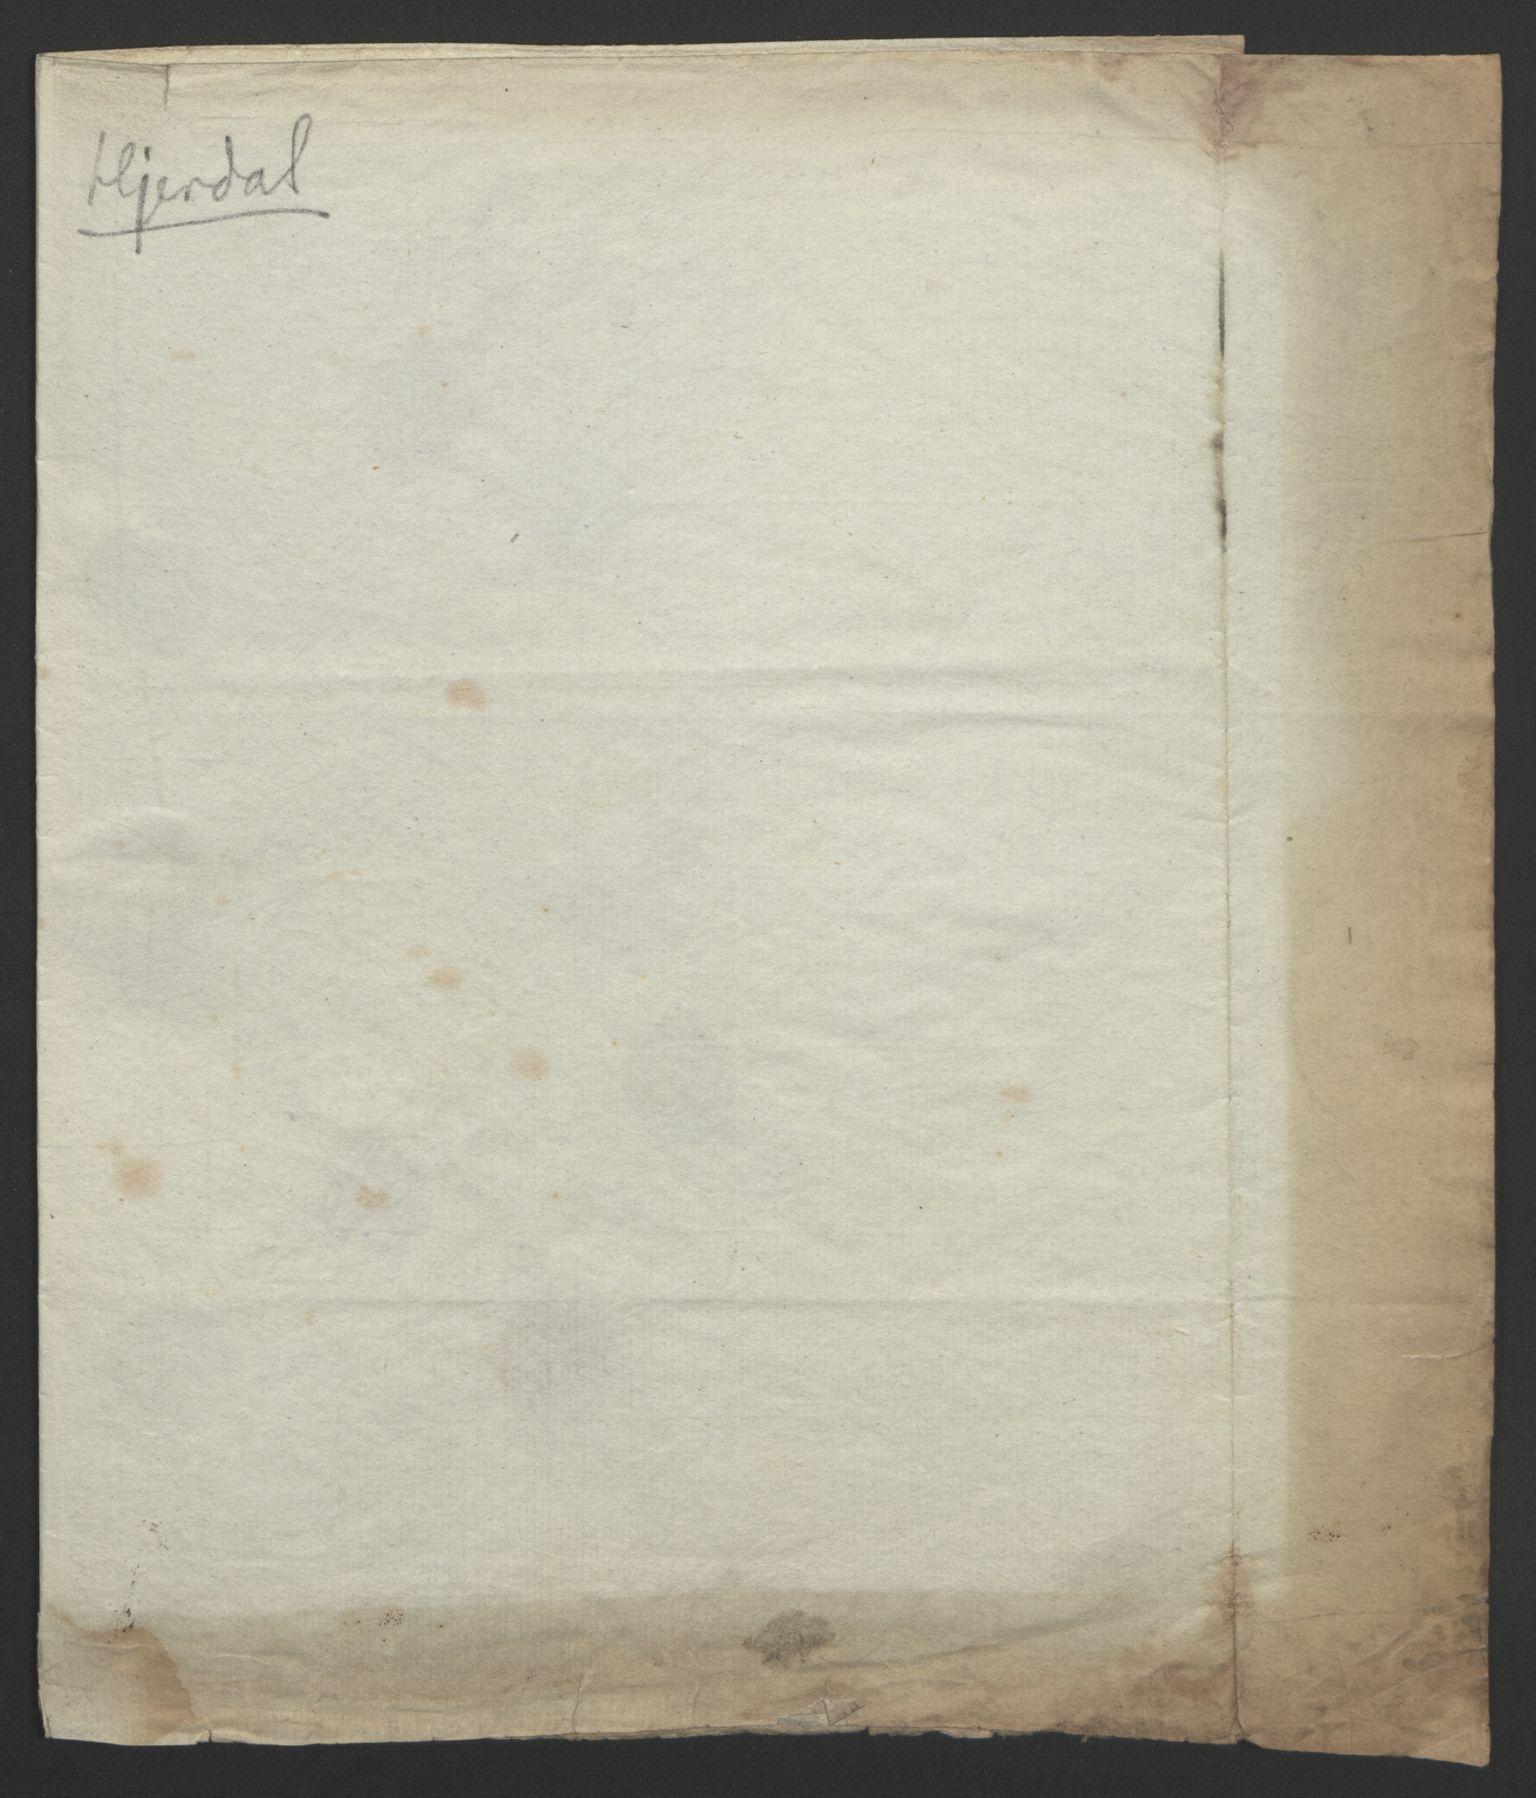 RA, Statsrådssekretariatet, D/Db/L0008: Fullmakter for Eidsvollsrepresentantene i 1814. , 1814, s. 50